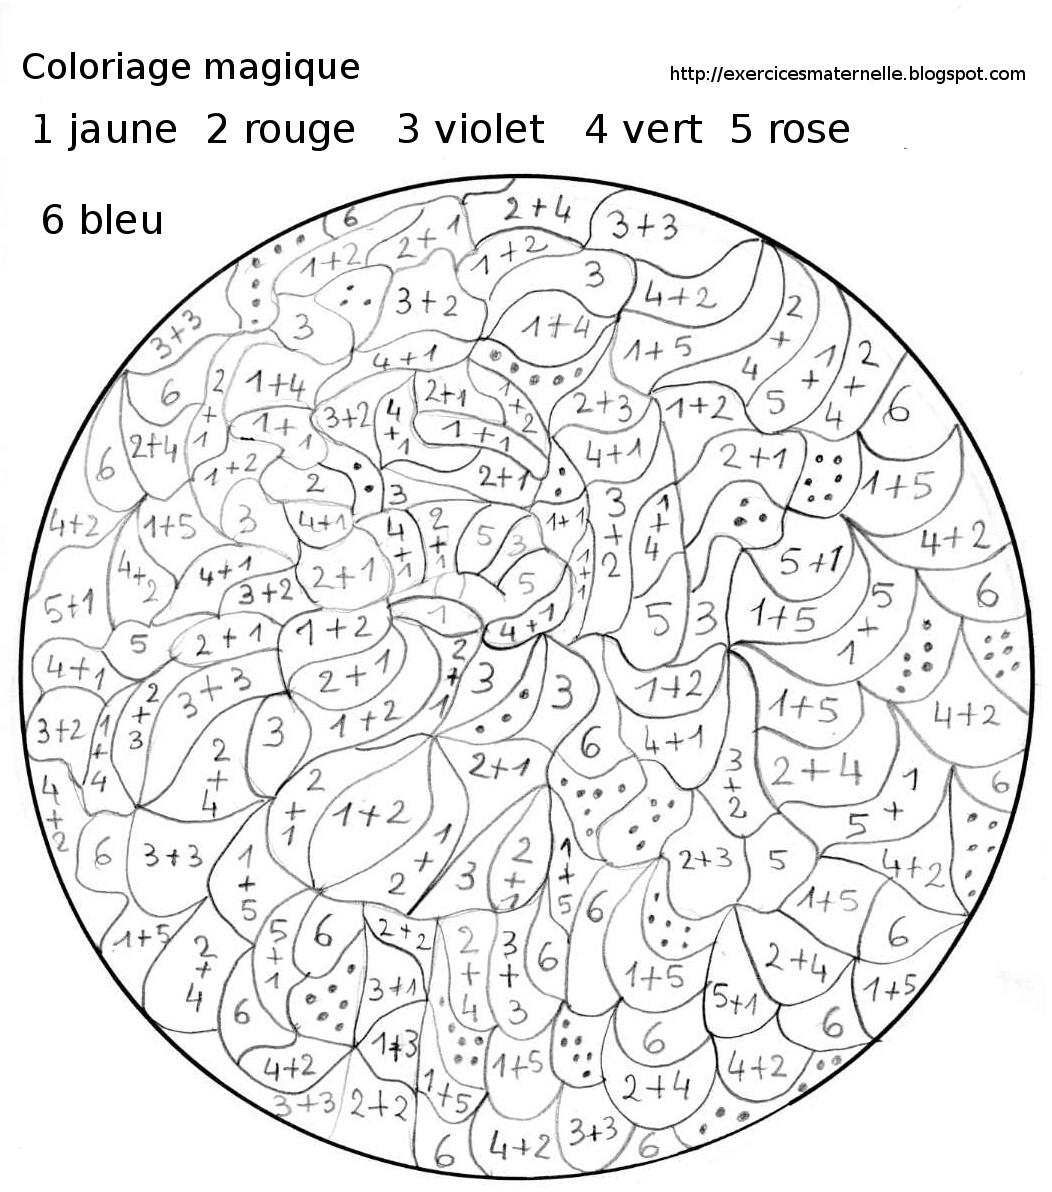 Coloriage Magique Son K Ce1 concernant Coloriage Adulte À Imprimer Avec Code Couleur